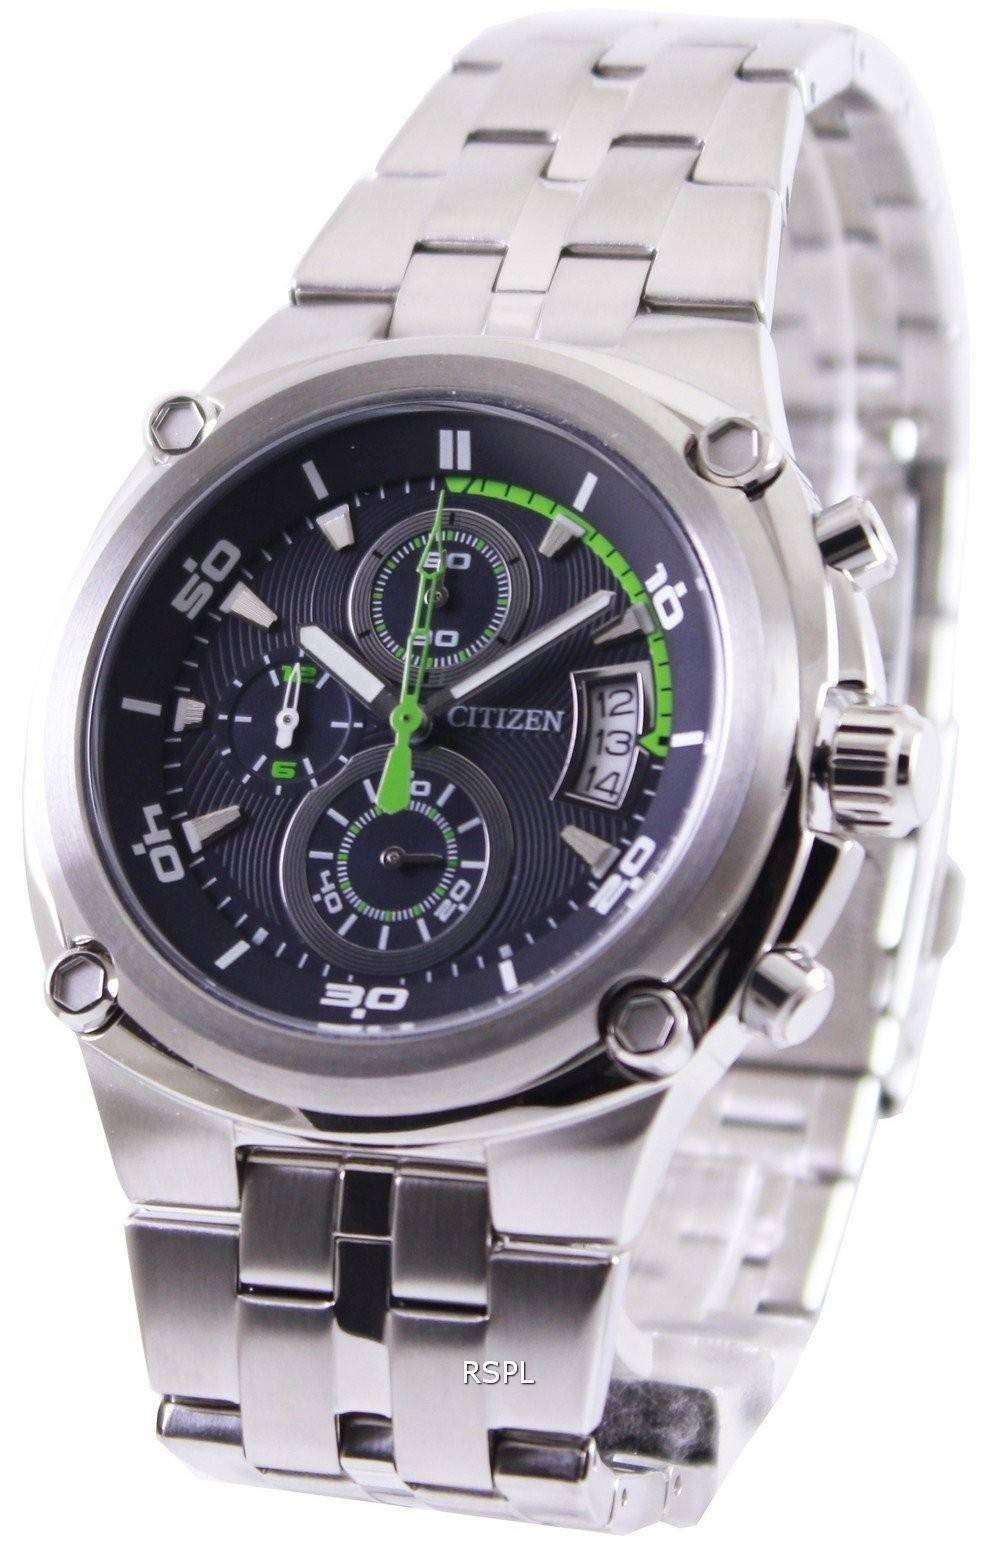 Men's Watches - Overstock.com